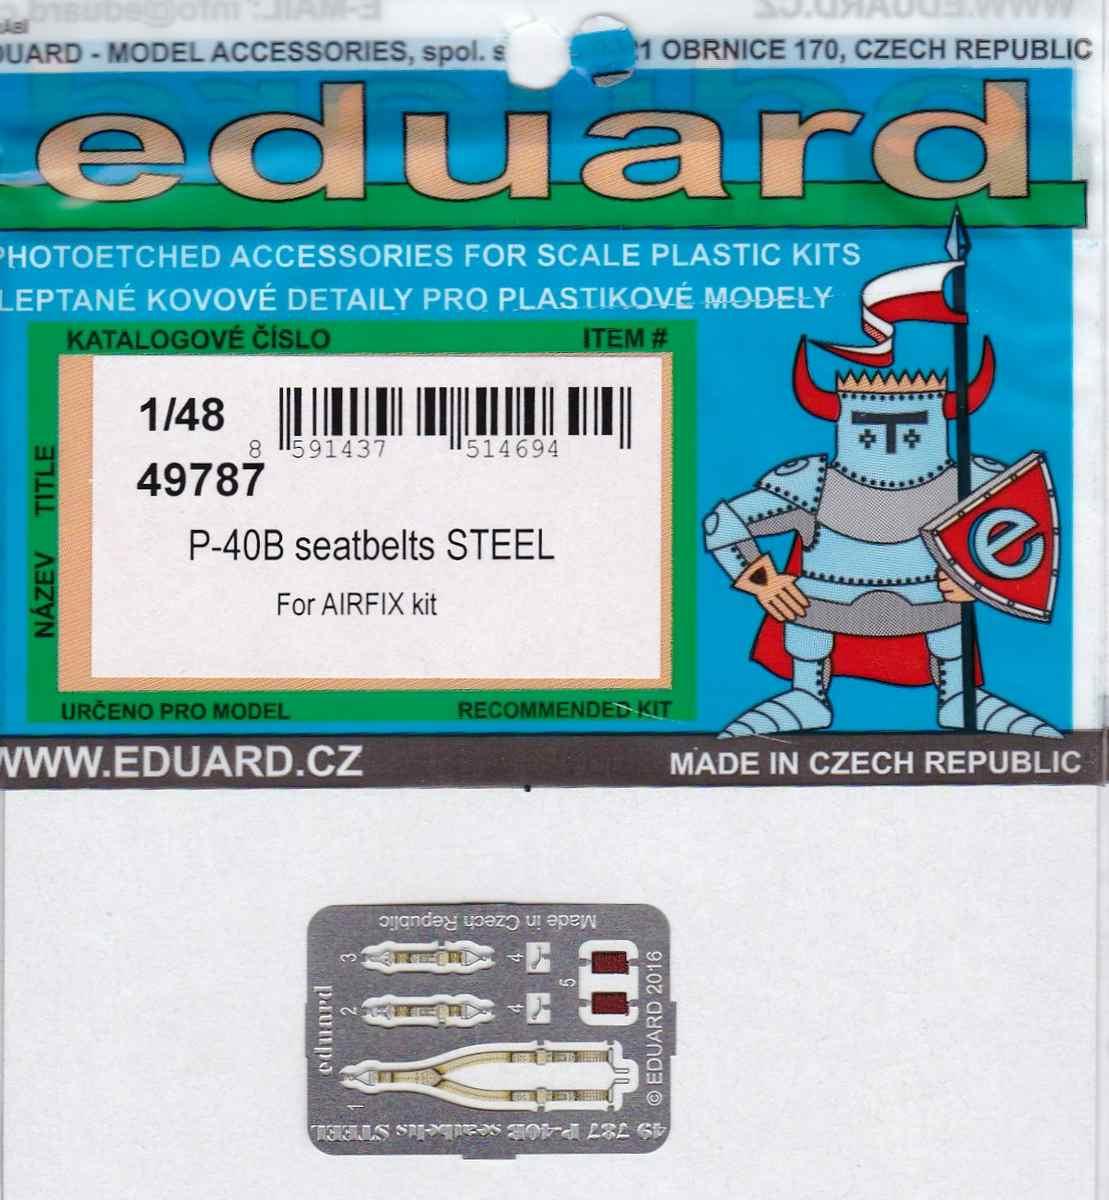 Eduard-49787-P-40B-seatbelts-STEEL-2 Eduard Zurüstsets für die neue P-40B von Airfix im Quarterscale